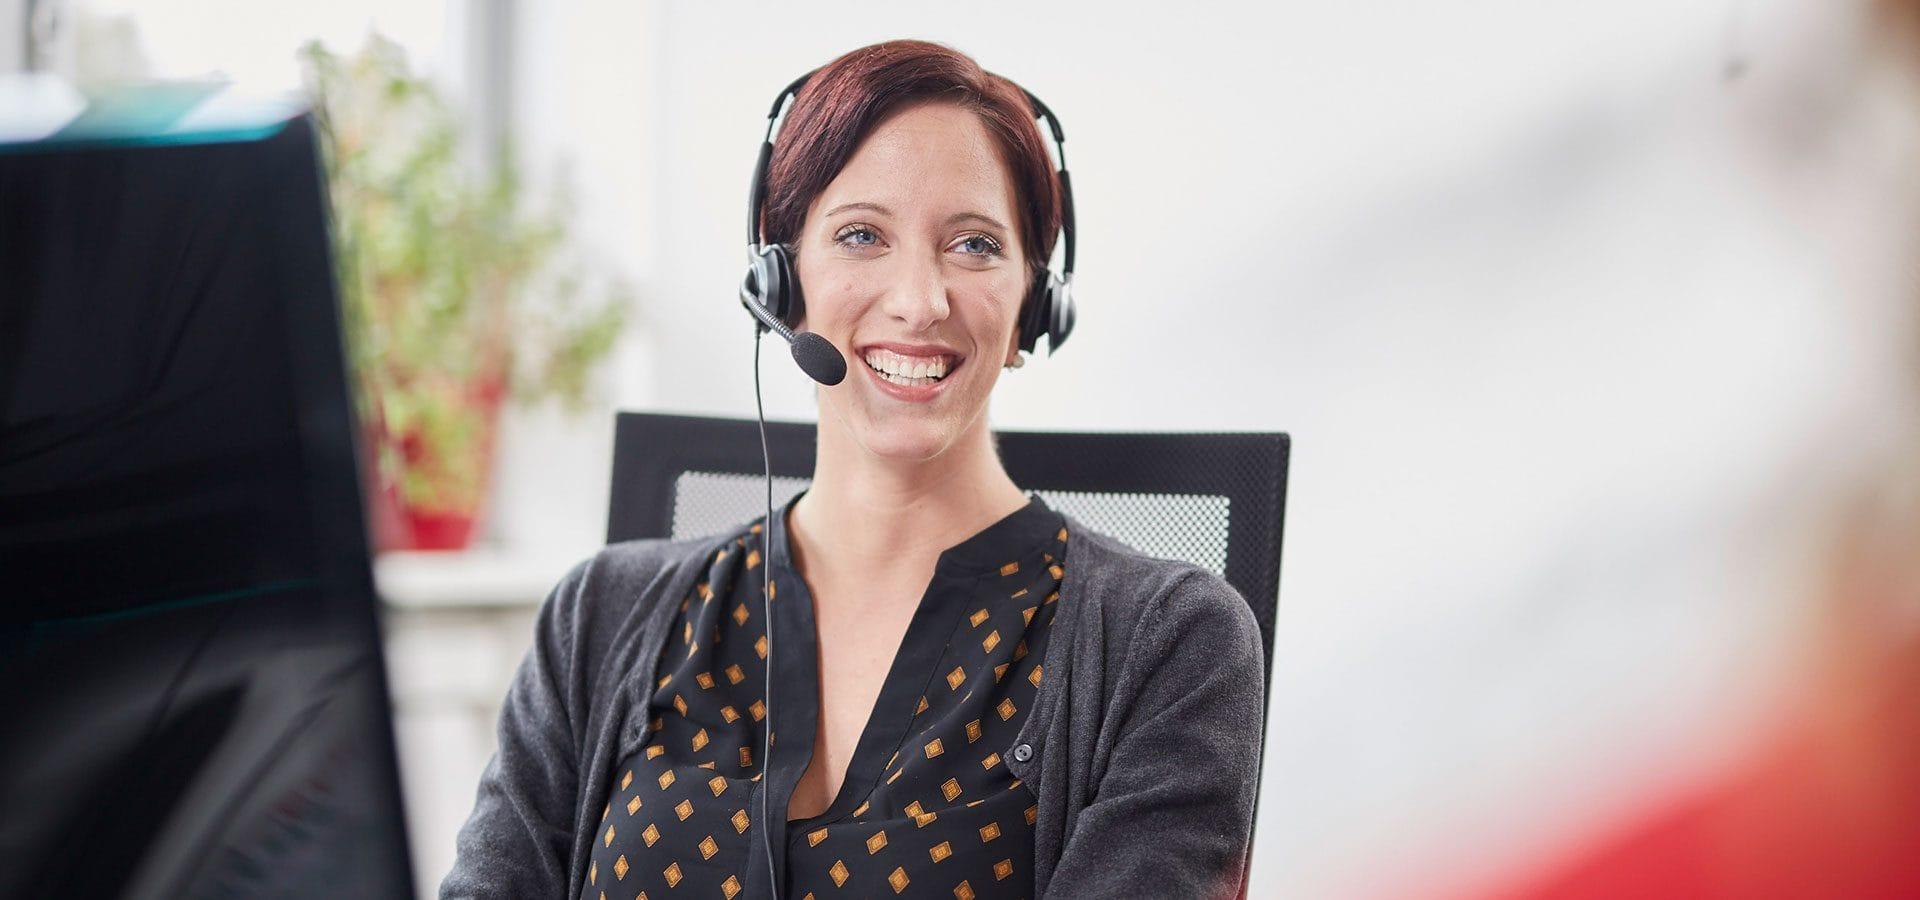 Vertriebsagentur Clarissa am telefon kaltakquise vertrieb beratung